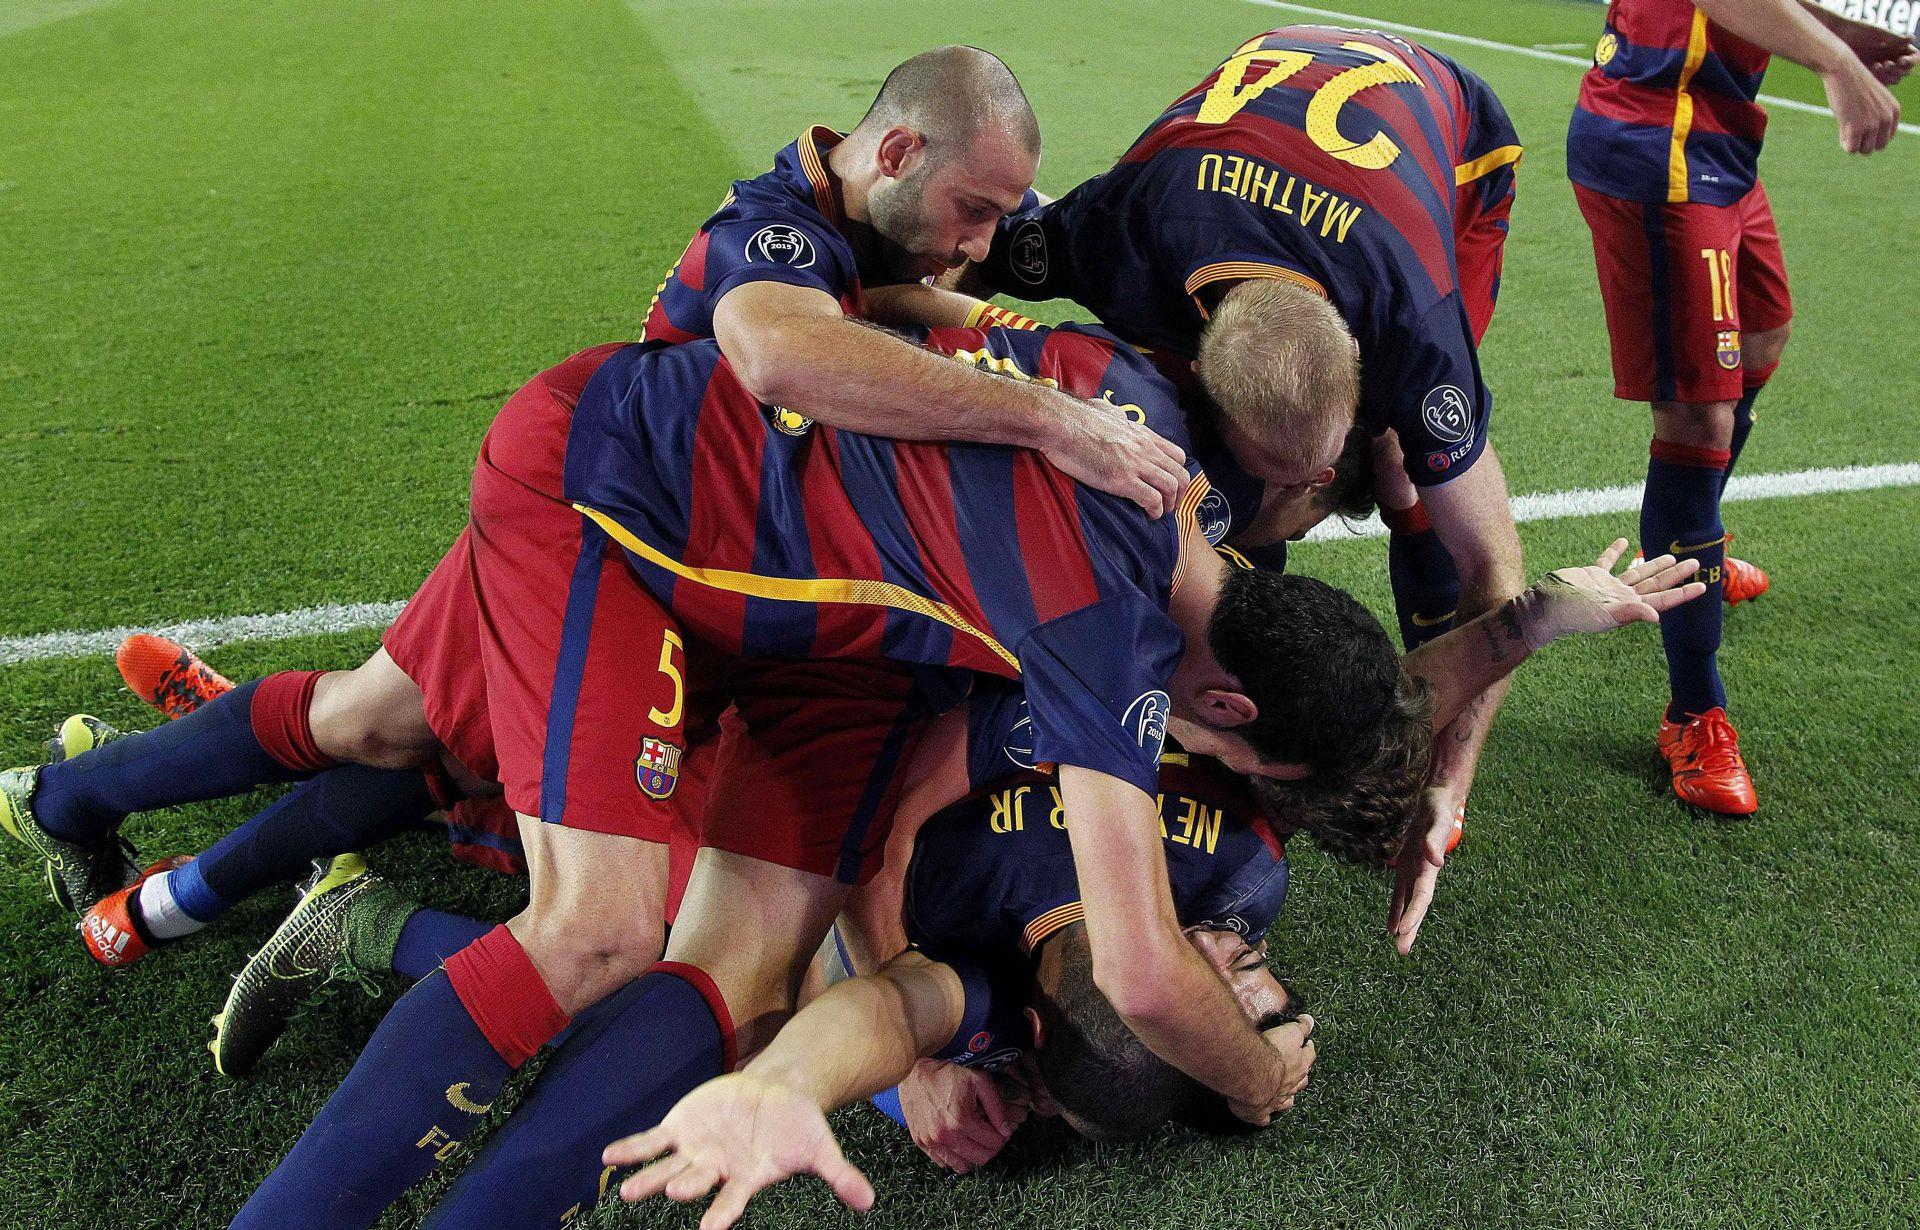 Prihodi Barcelone 608 milijuna eura, ali profita samo 15 milijuna